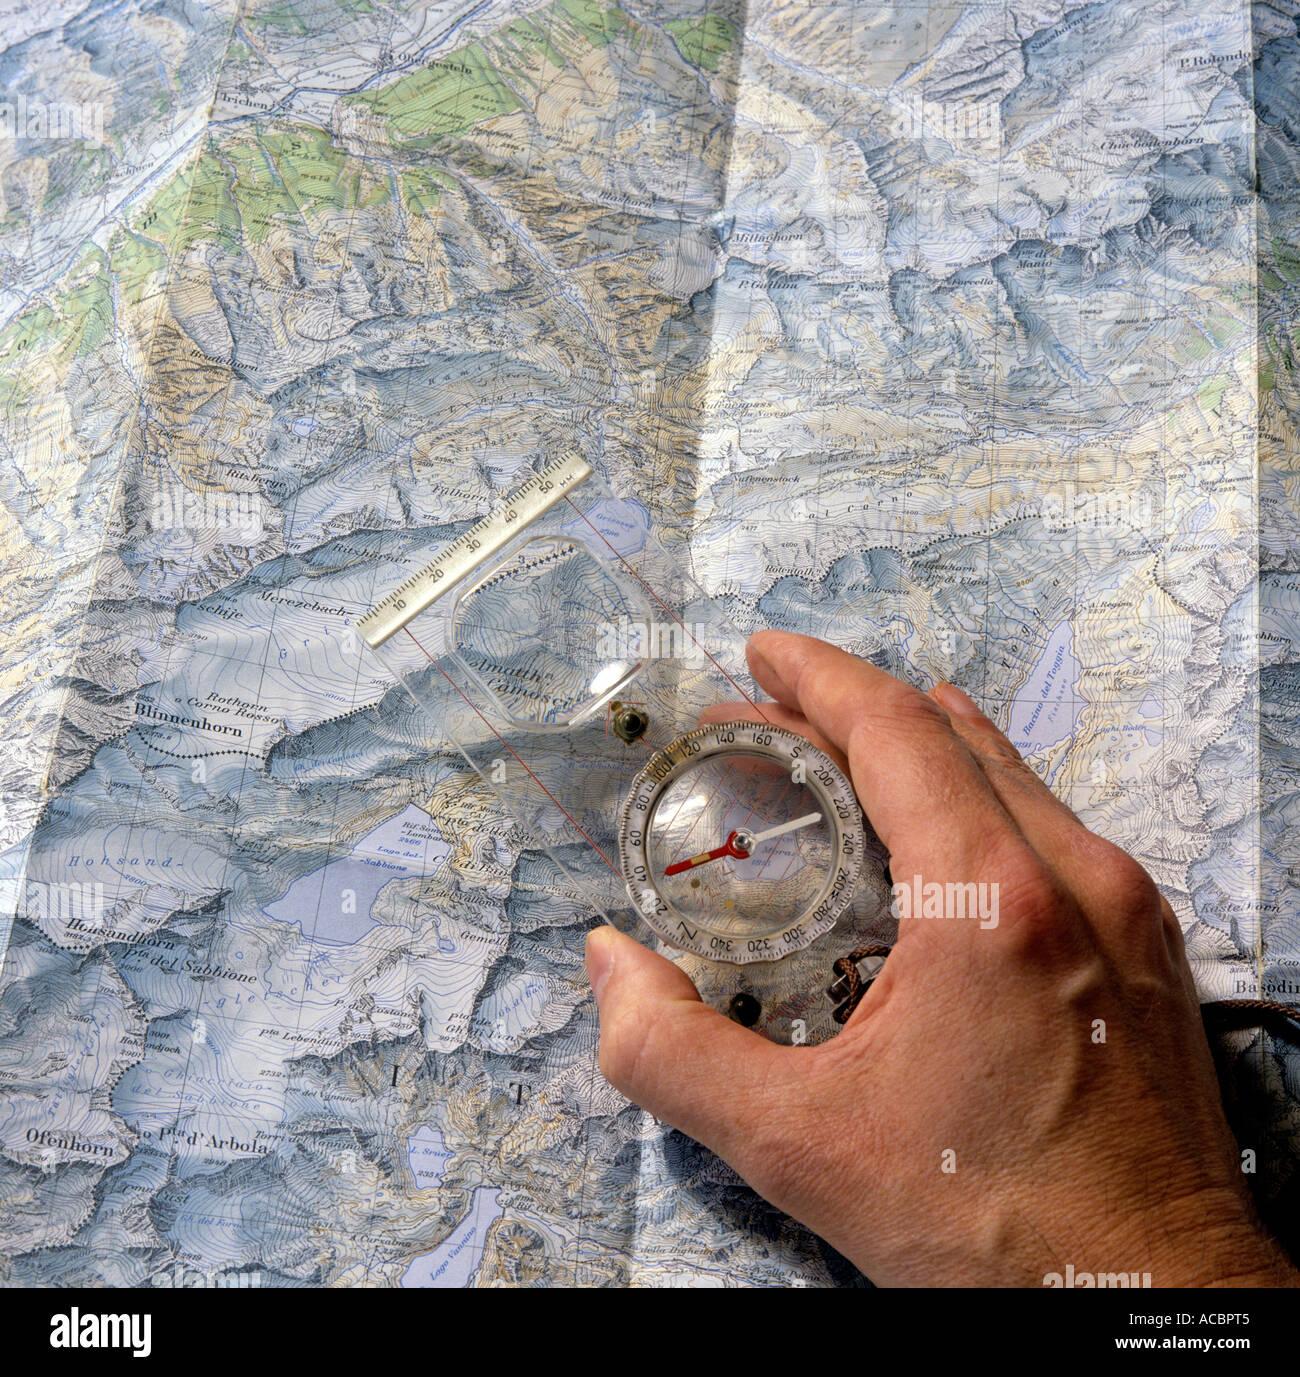 Brújula y mapa para la planificación de viaje de montaña Monte Redondo blinnenhorn alpes suizos del cantón de Valais, Suiza sólo para uso editorial Imagen De Stock